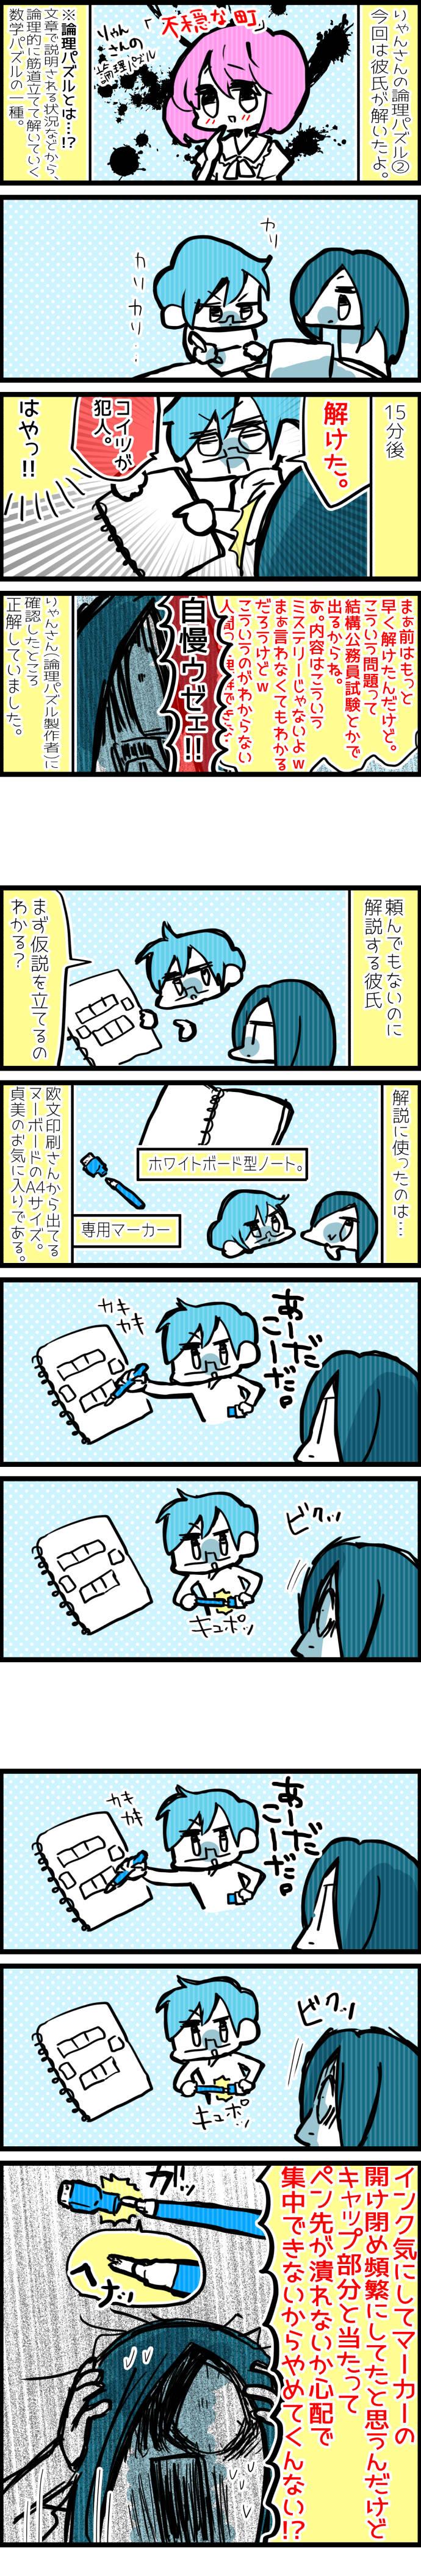 neetsadami.com_21話